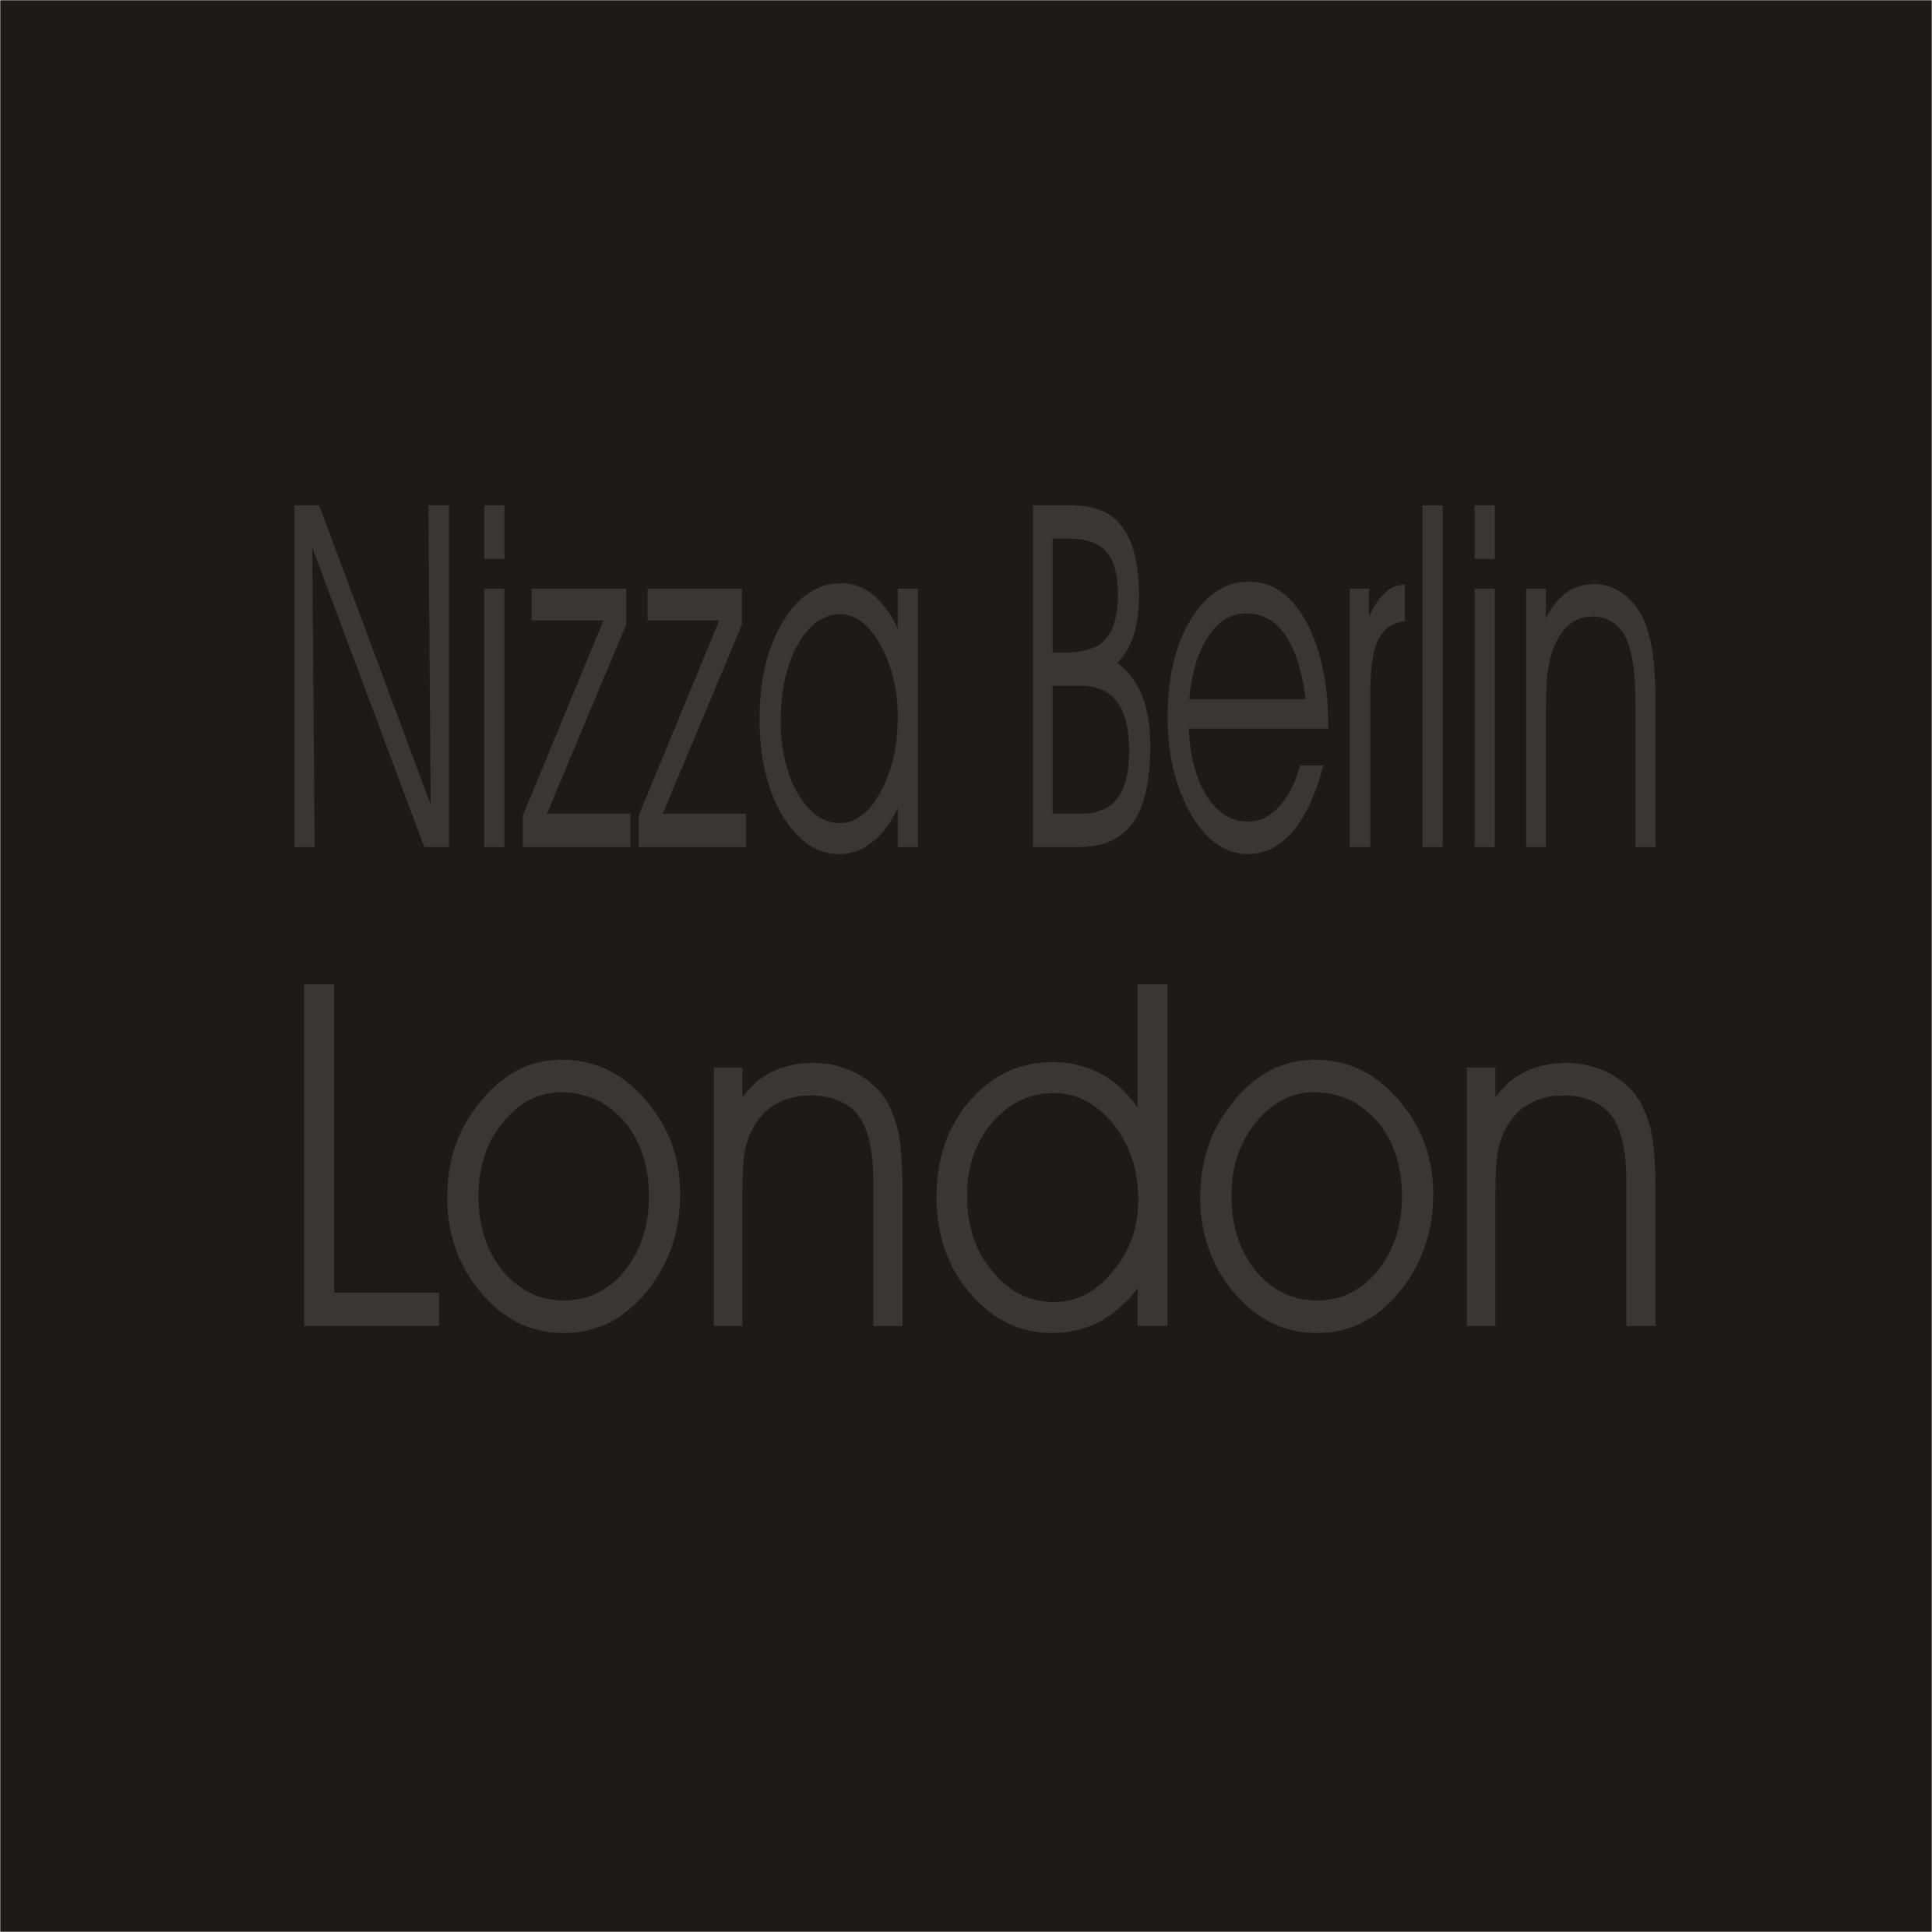 Nizza – Berlin – und jetzt also London!